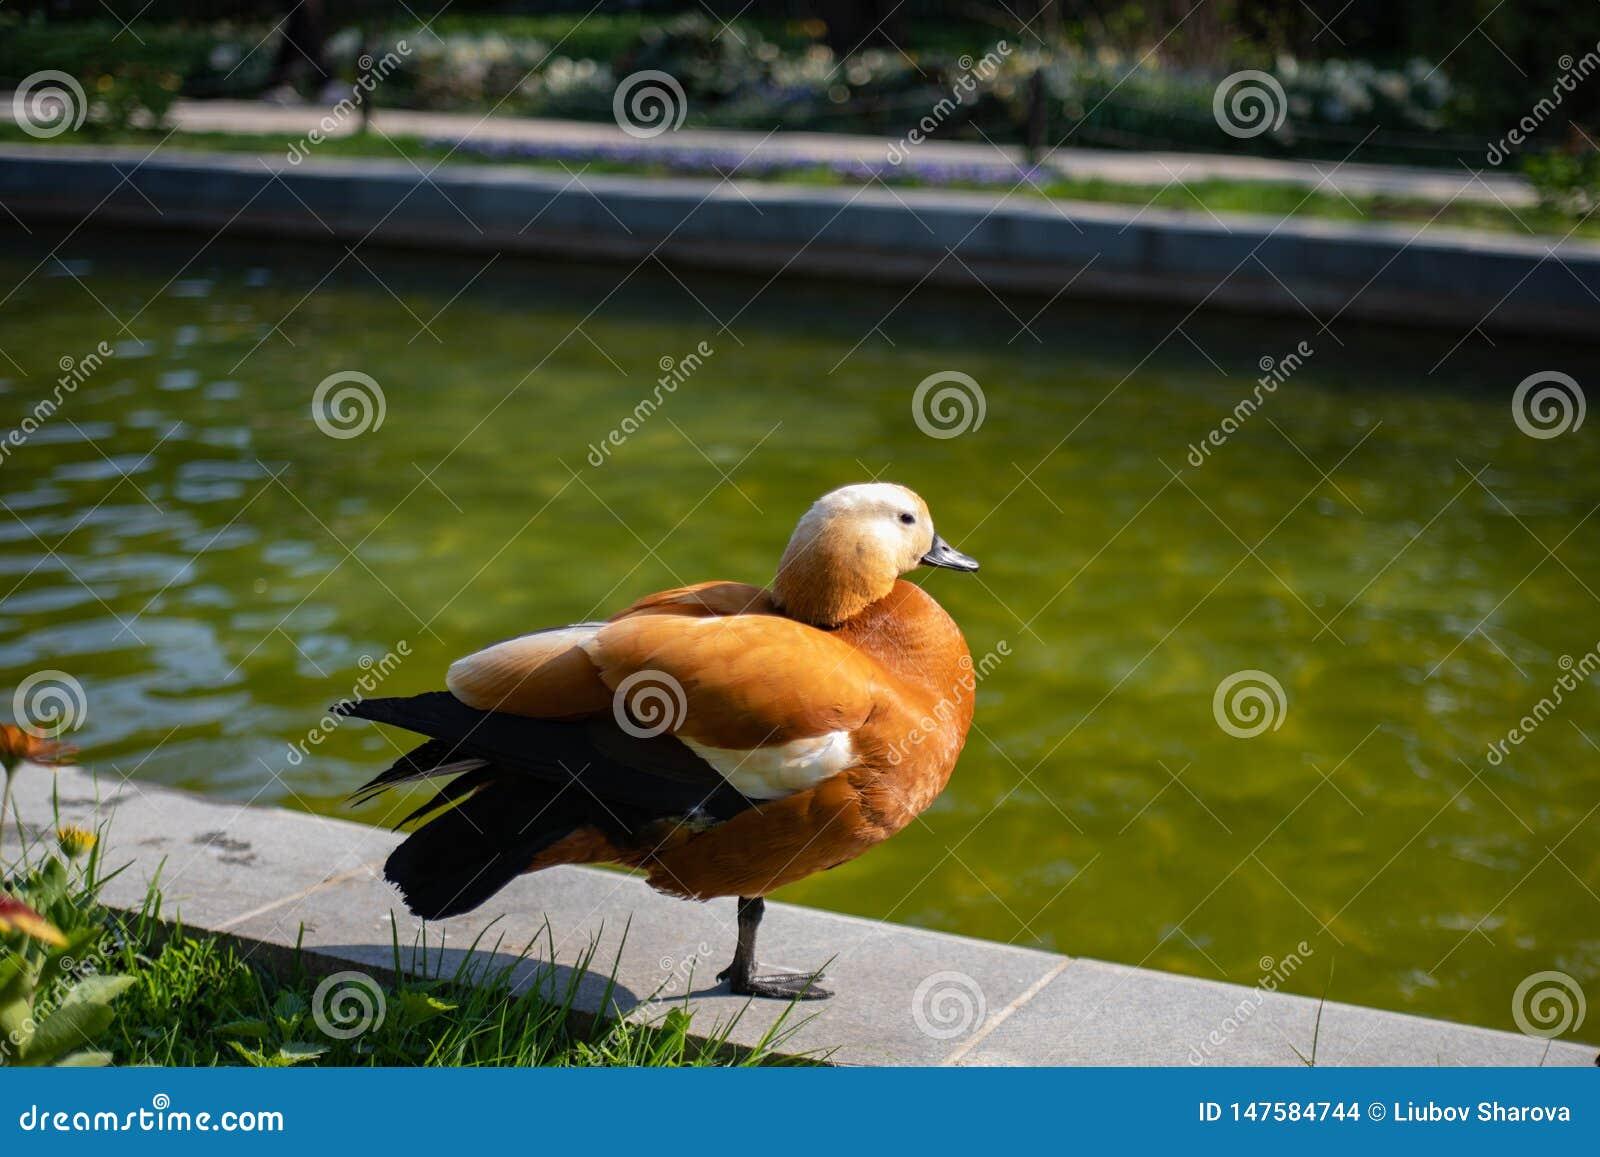 Утка необыкновенного красивого цвета красная на пруде в парке греясь весной солнце